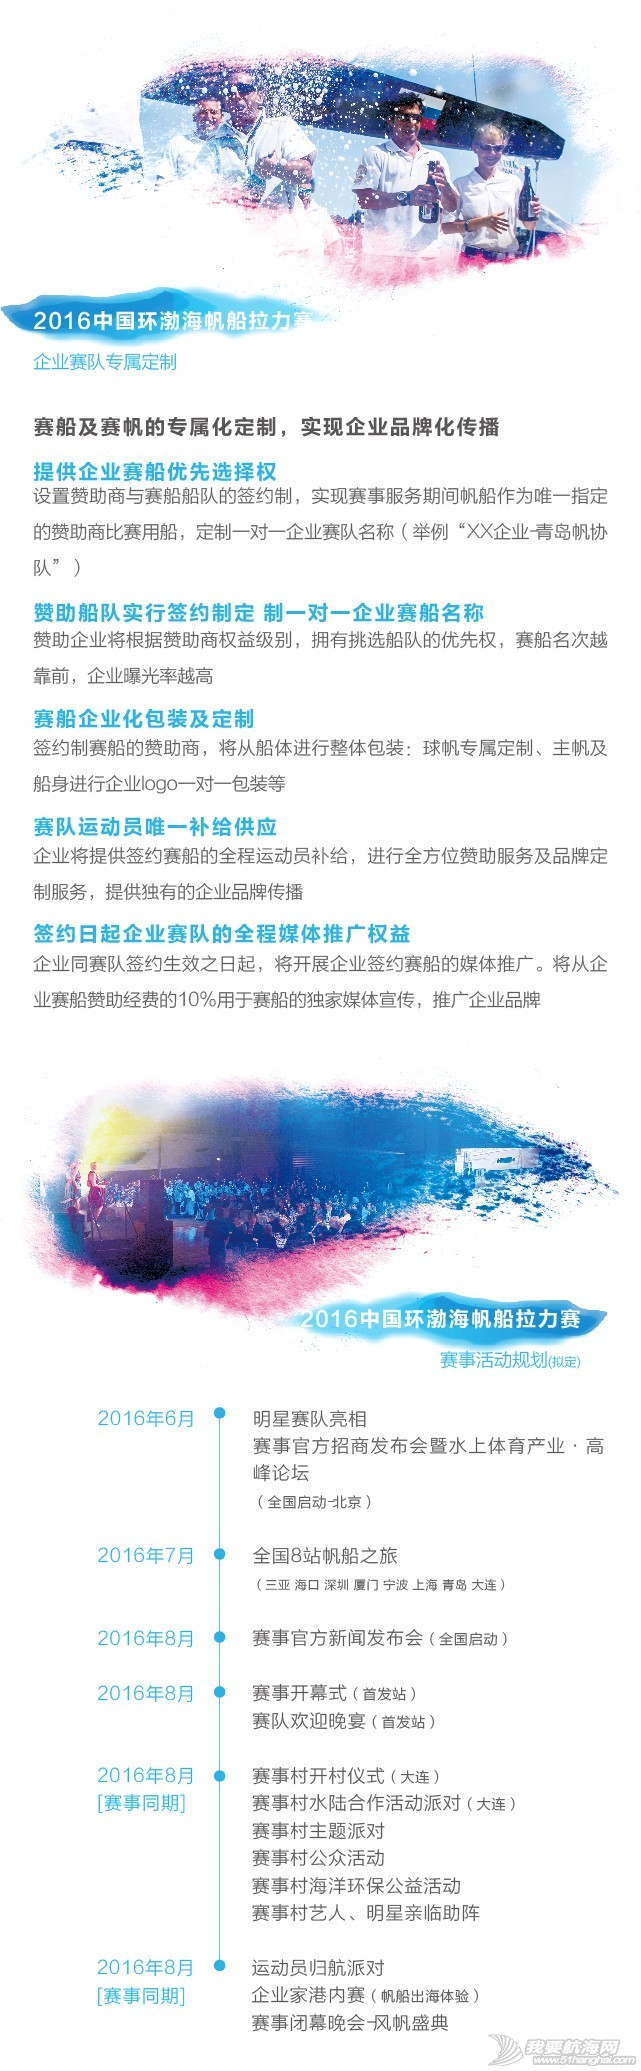 拉力赛,中国,渤海,帆船 2016中国环渤海帆船拉力赛 112032dtdzoggpzylbkodz.jpg